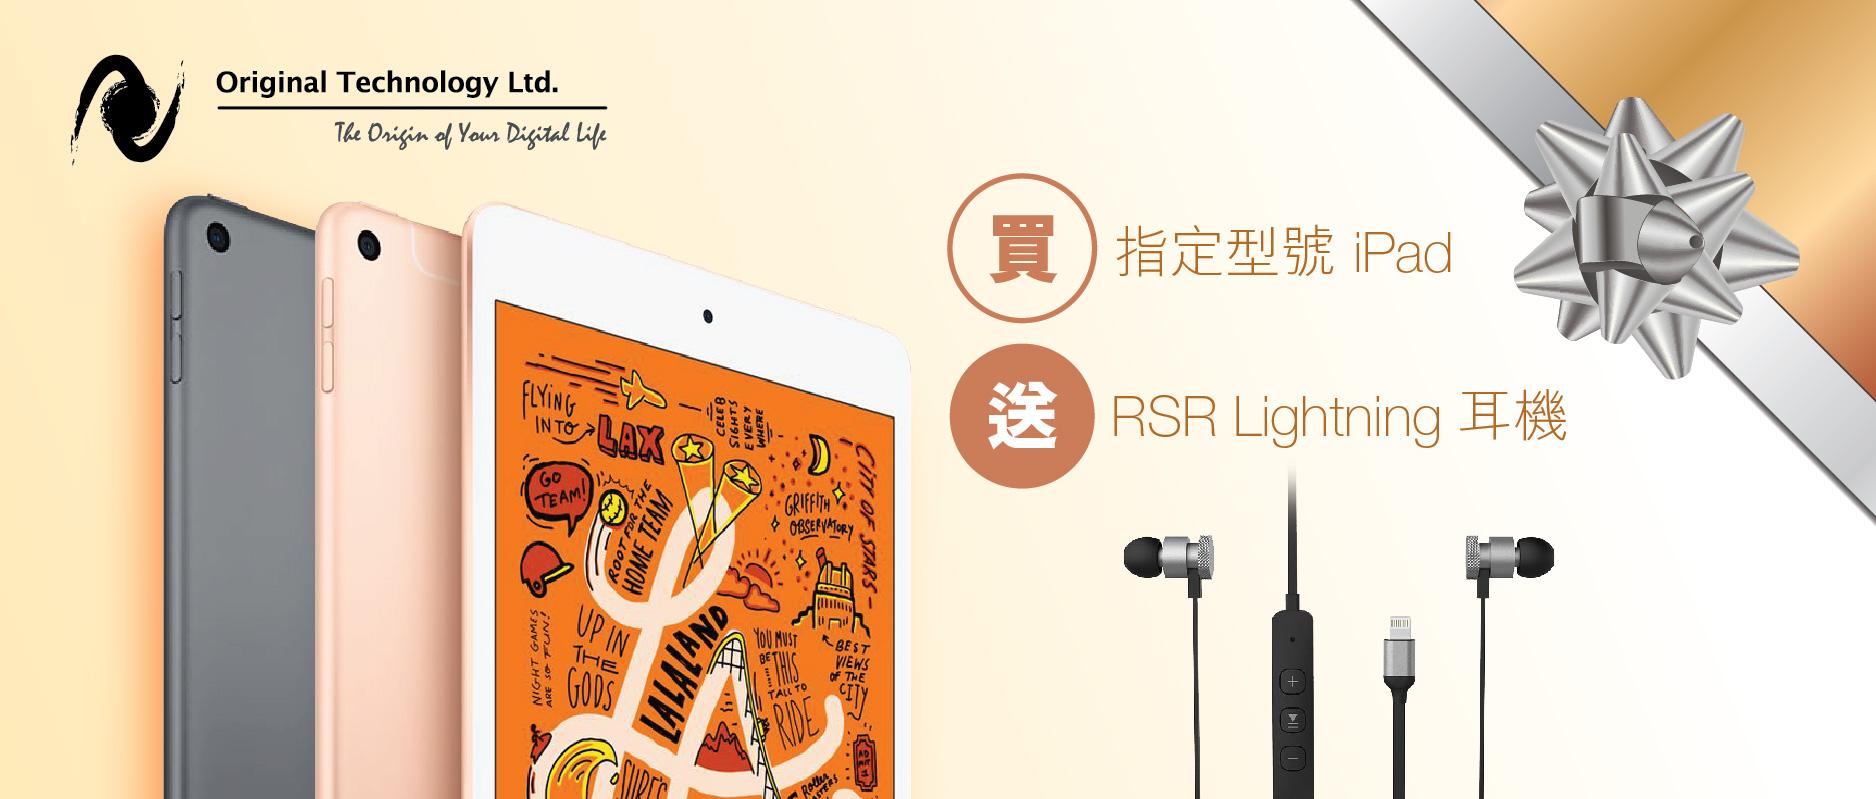 買 iPad 送 Lightning 耳機|Purchase iPad and get Lightning earphones